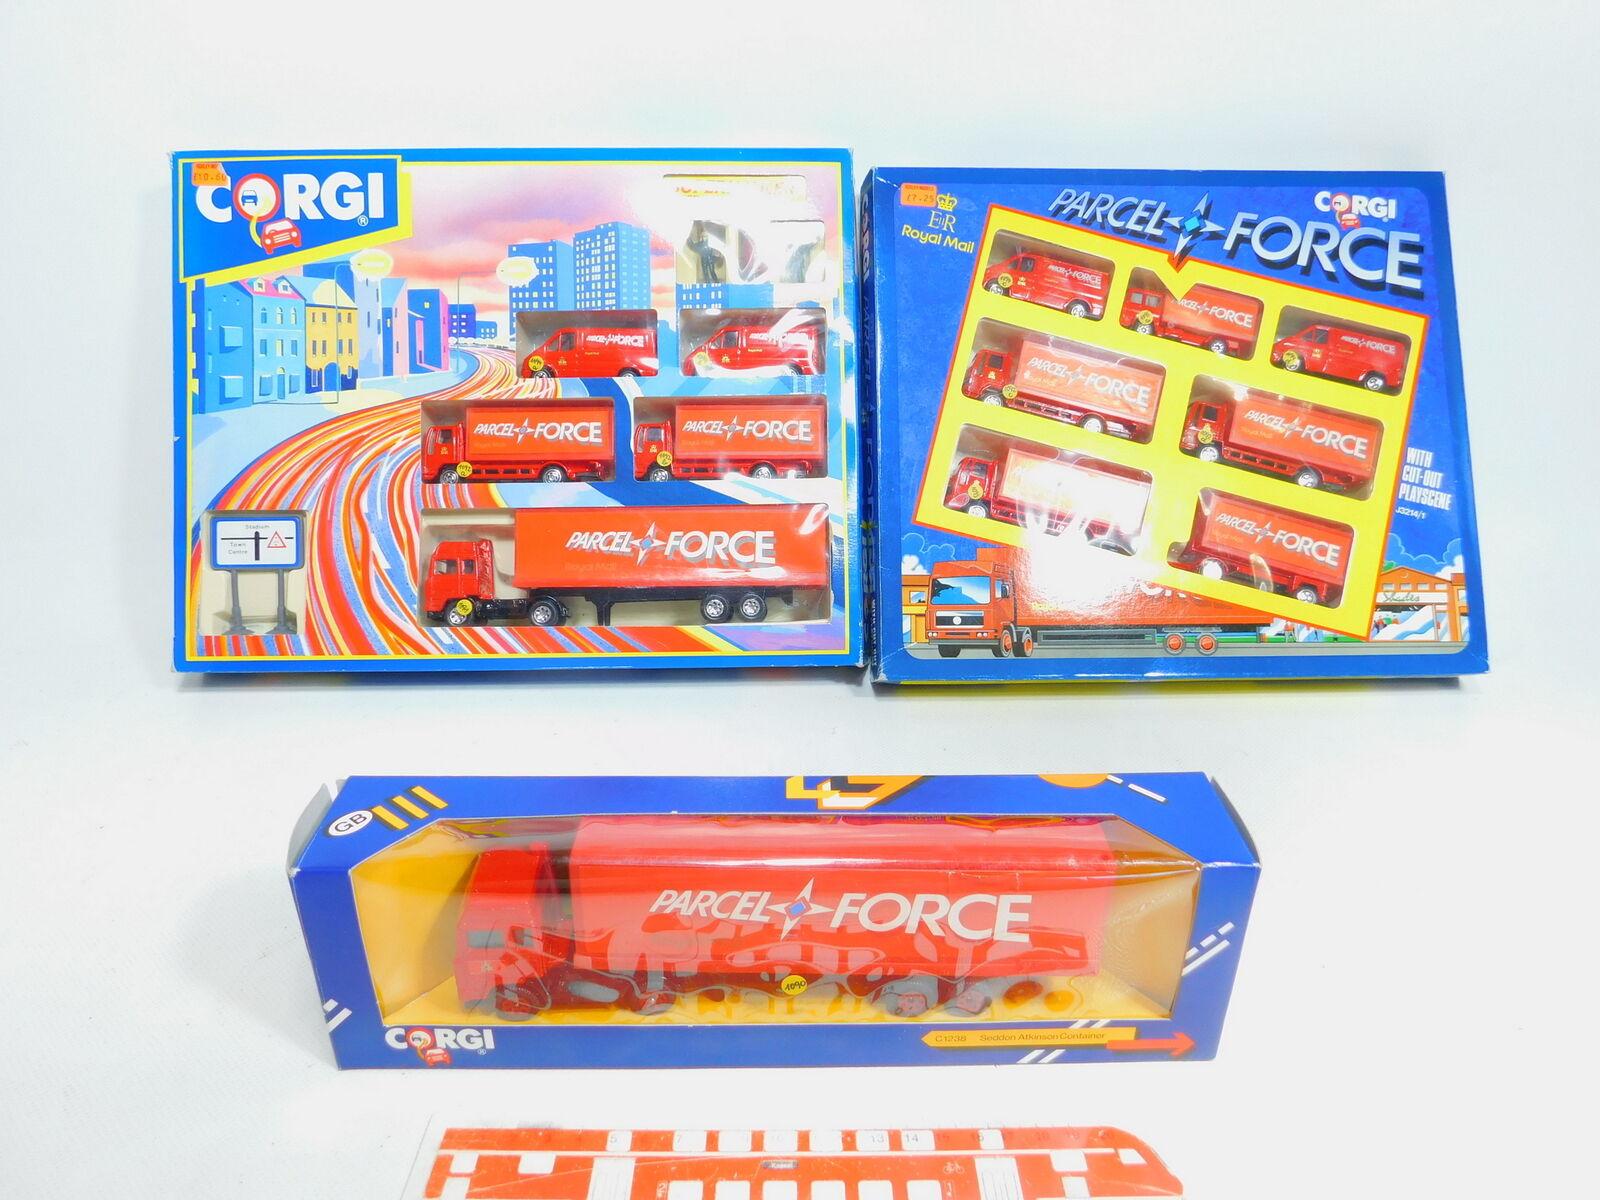 Bx737-4 x Corgi Pacco Force-Set    92610+C1238+ J3214 1, Molto Buono + 224778